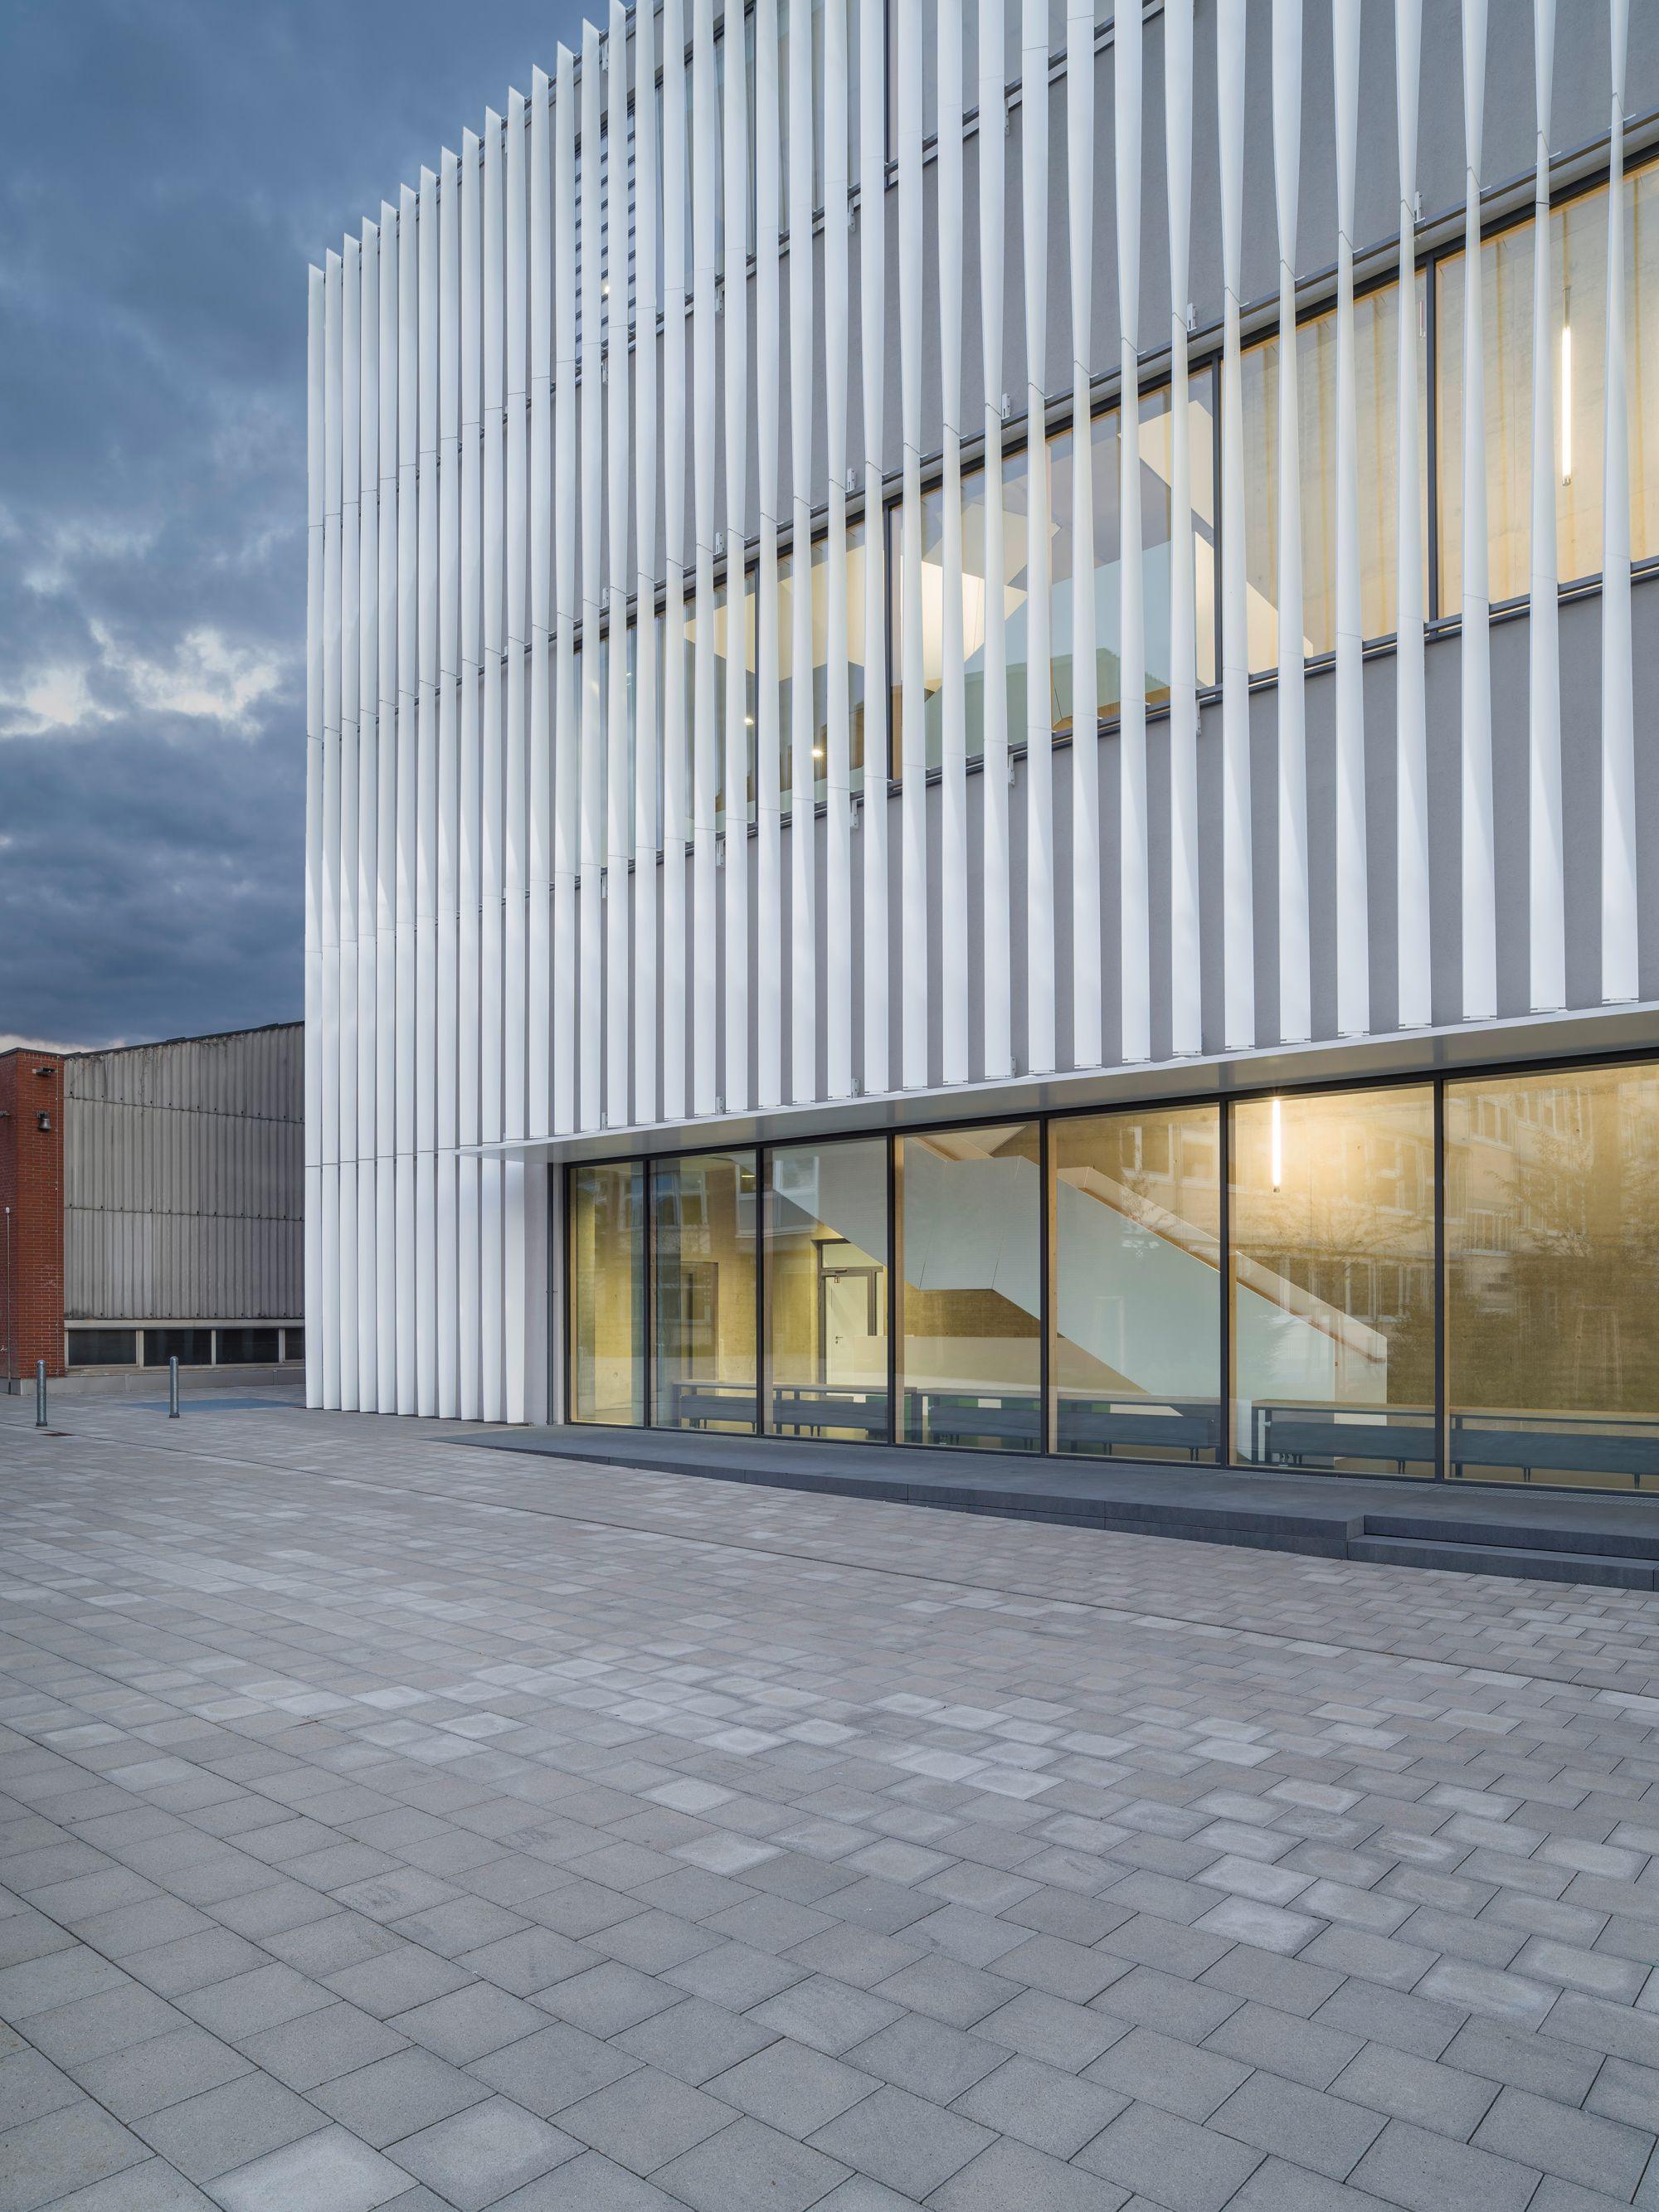 Architekten Ulm wandelbare fassade sporthalle h4a architekten ulm facades